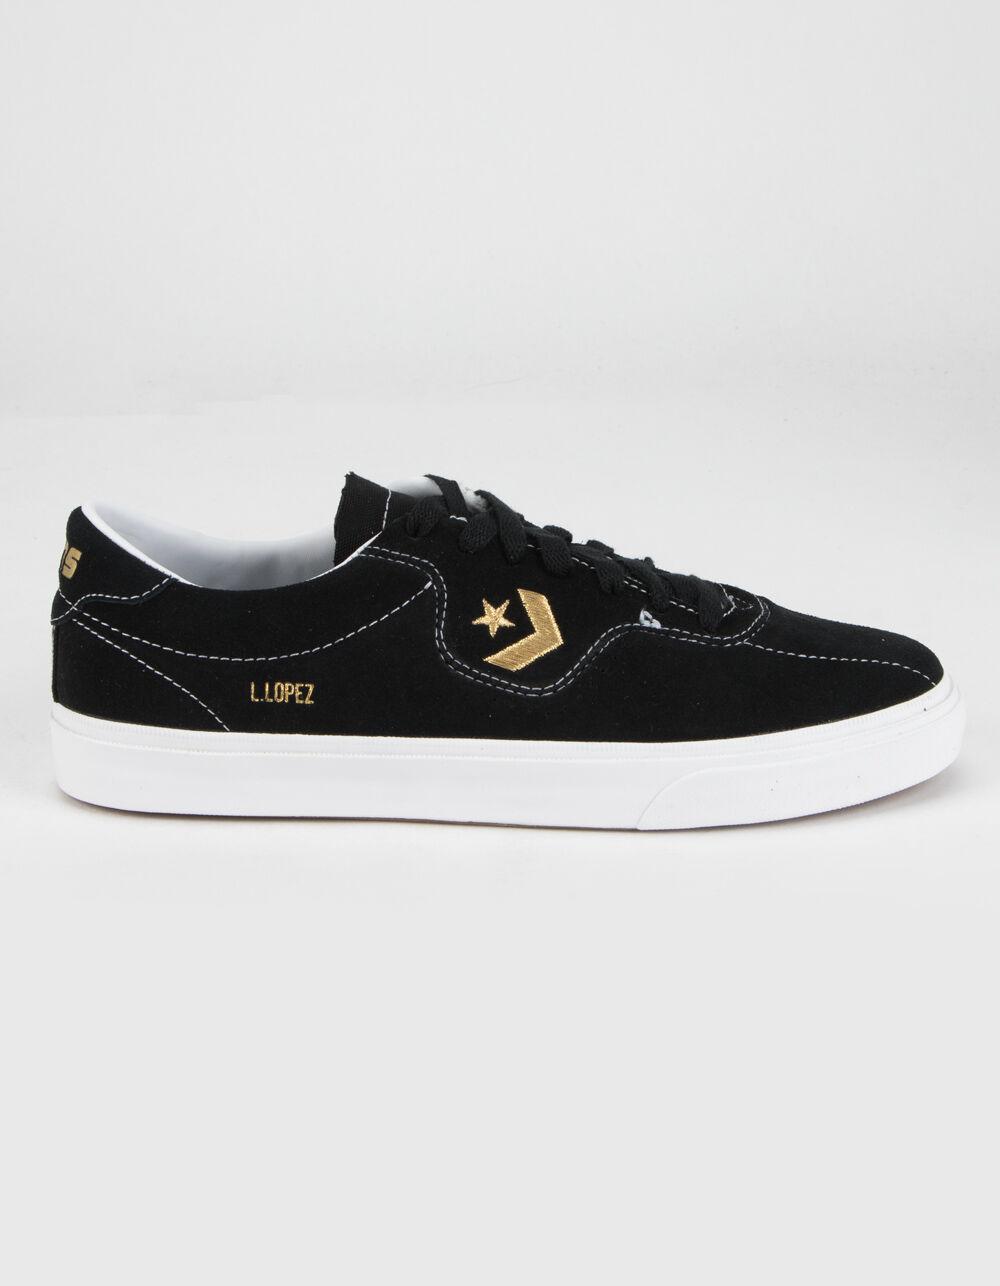 CONVERSE Louie Lopez Pro Shoes